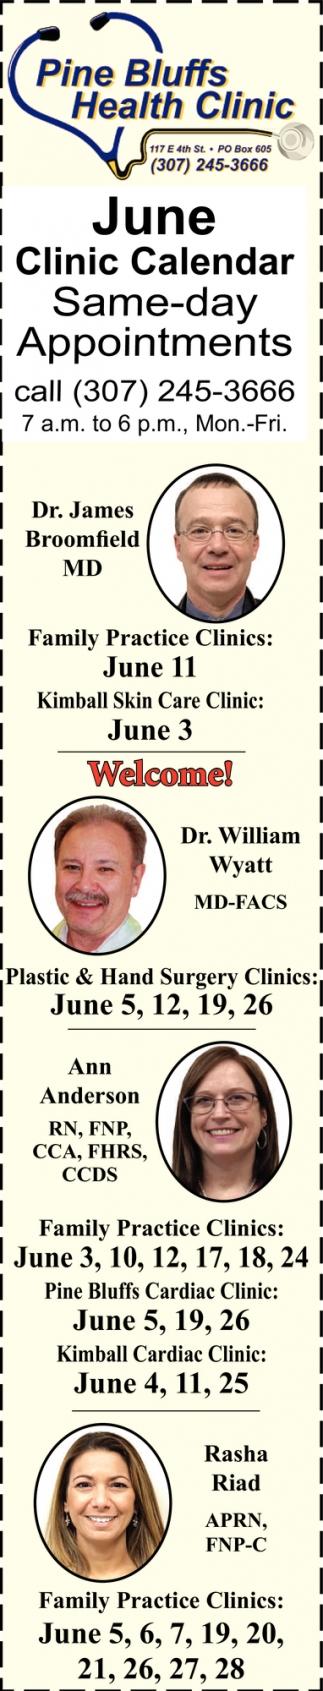 June Clinic Calendar